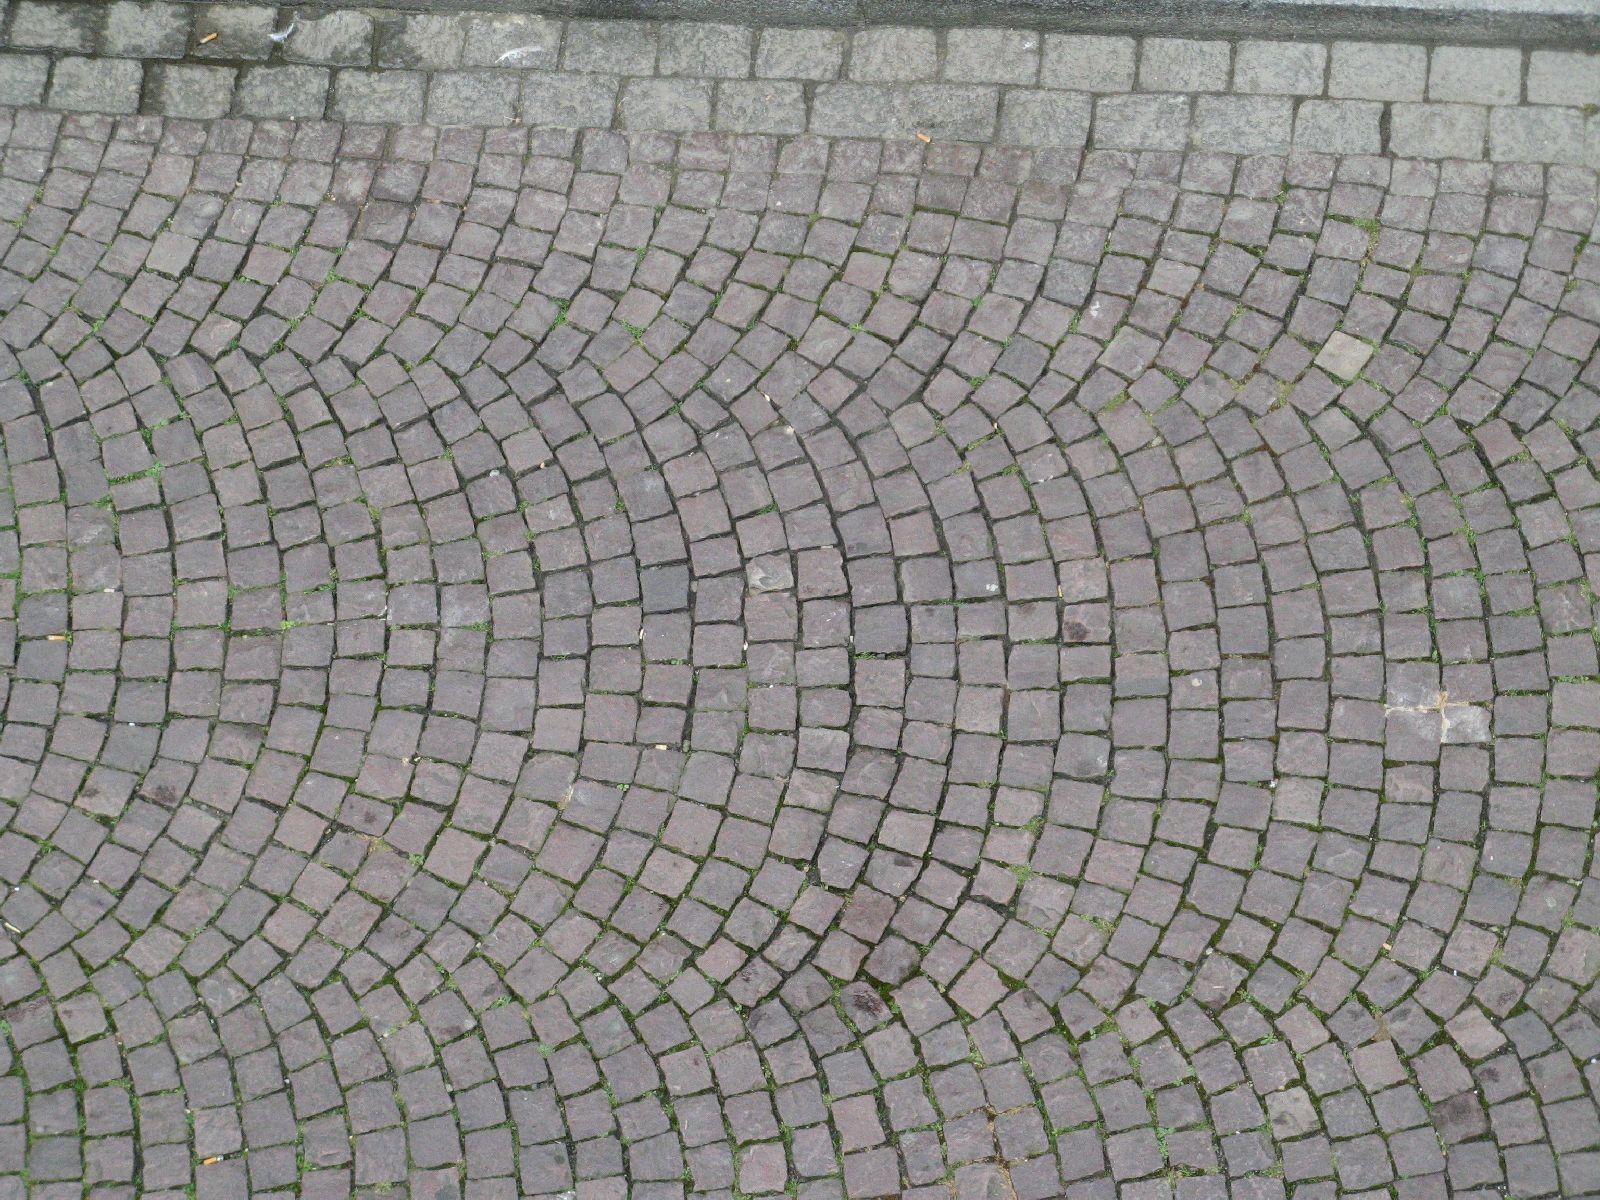 Boden-Gehweg-Strasse-Buergersteig-Textur_B_1867